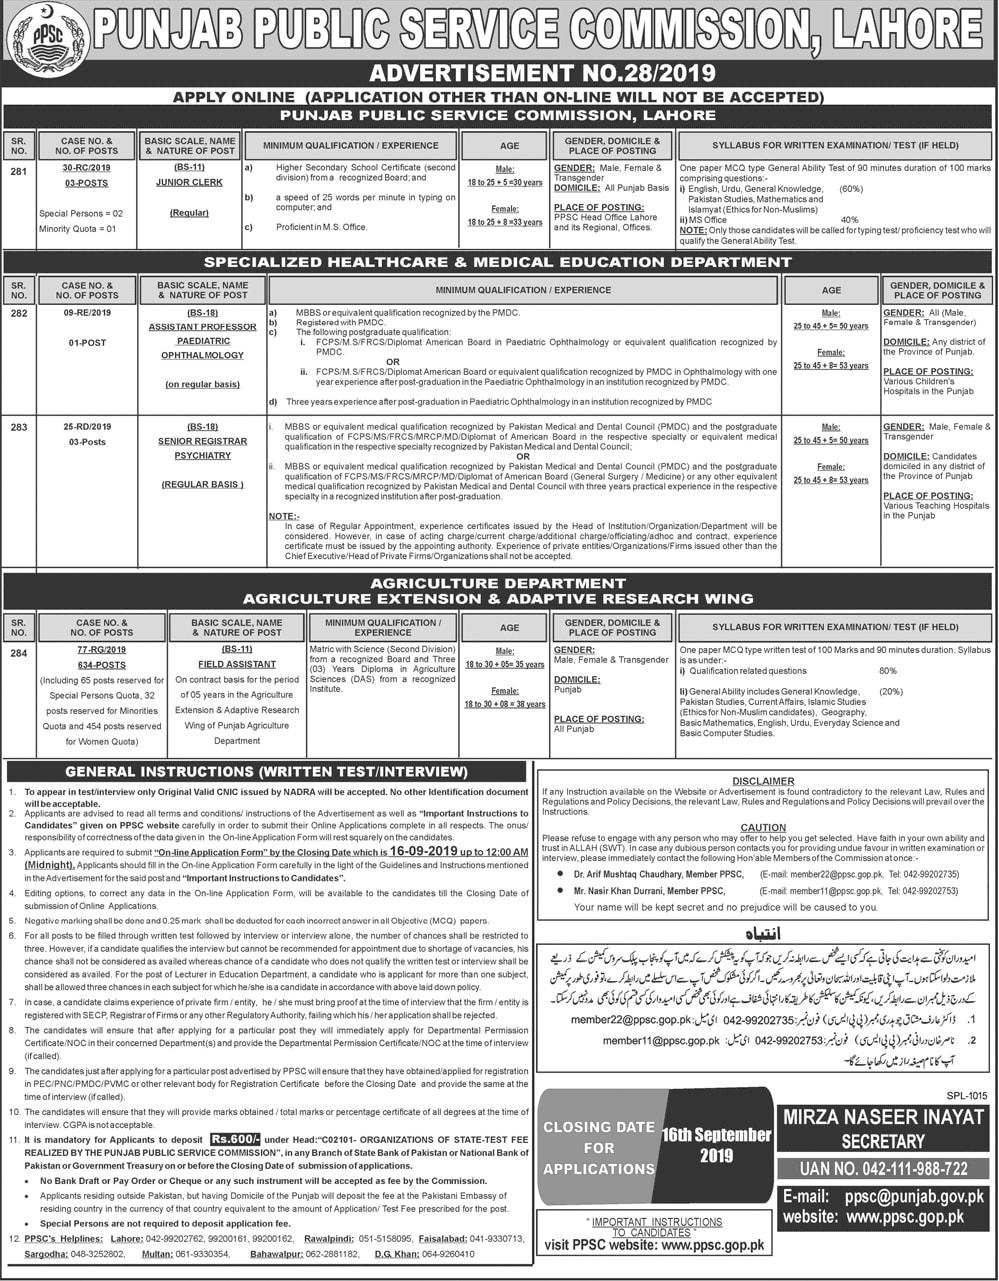 650+ Jobs Through Punjab Public Service Commission